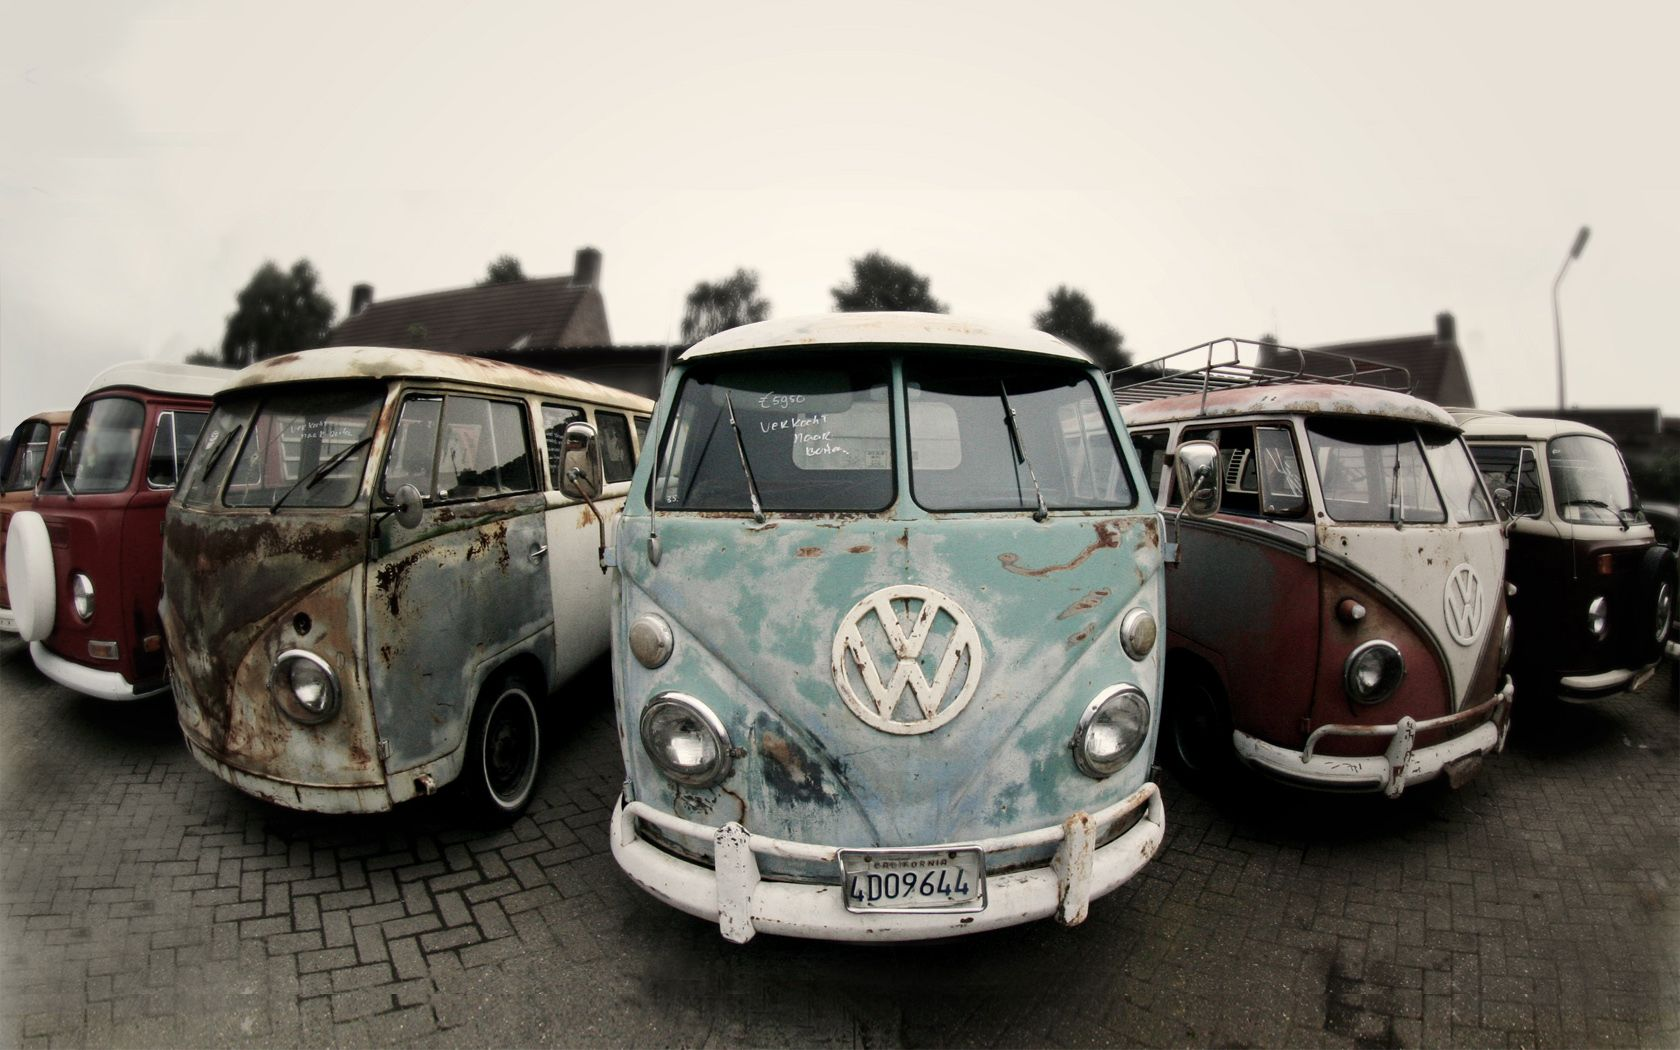 Volkswagen Bus Wallpaper For Iphone Cdz Volkswagen Volkswagen